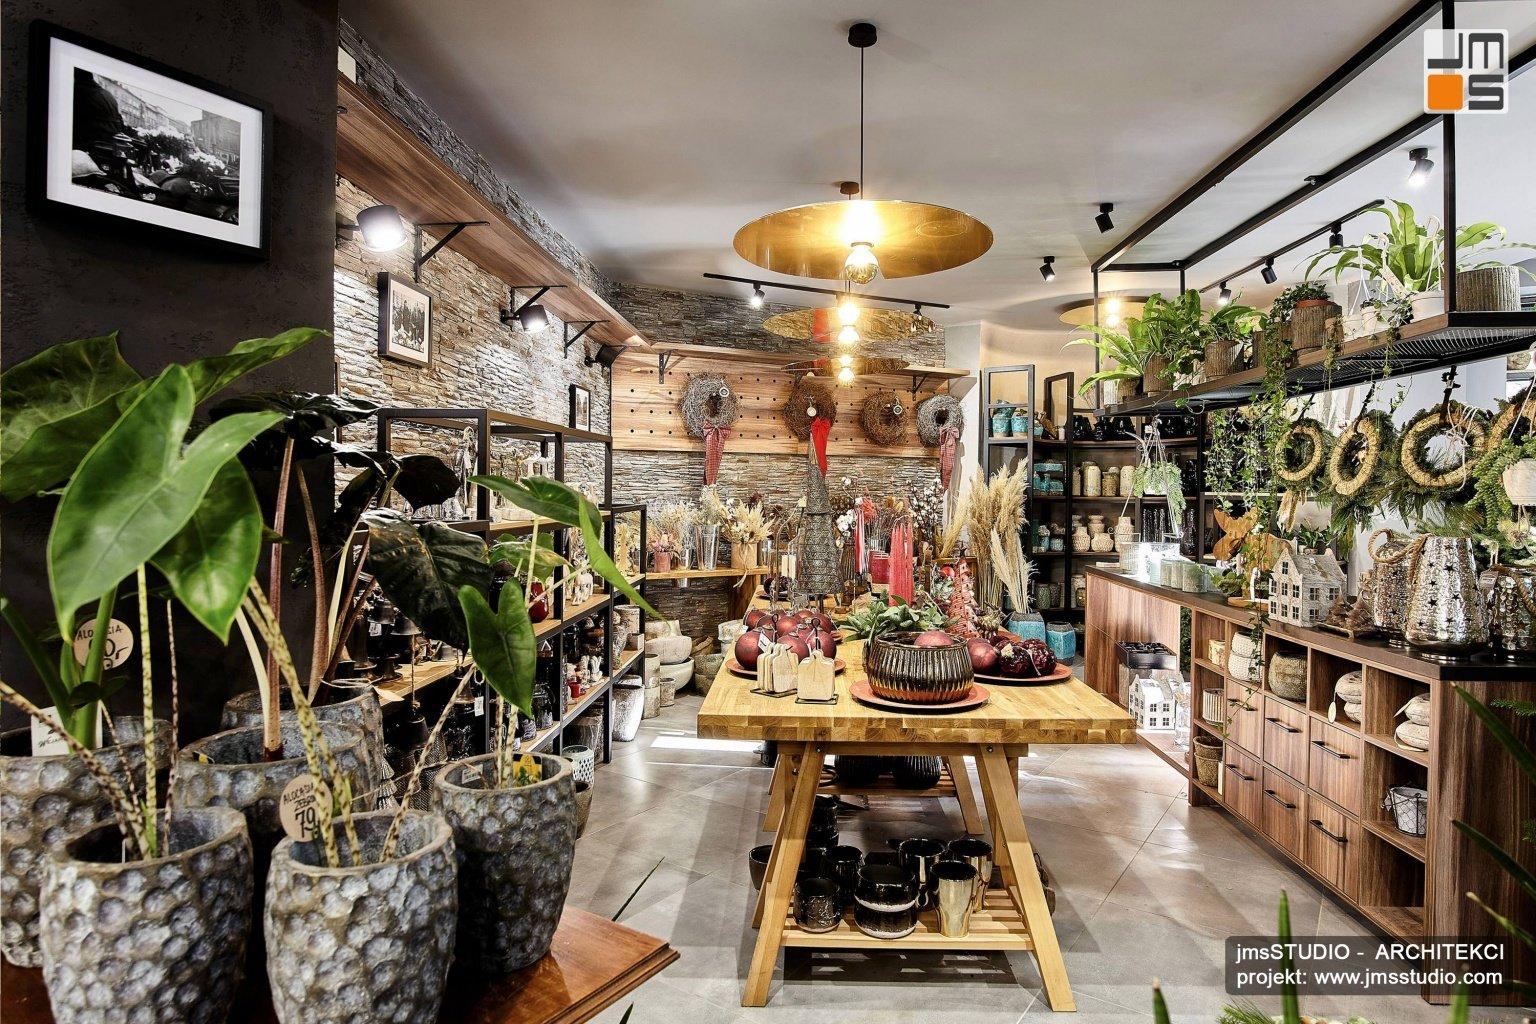 Projekt  wnętrz nowoczesnej kwiaciarni w Krakowie to pomysł na ekskluzywne wnętrze z elementami industrialnymi jak stalowe meble i lampy techniczne